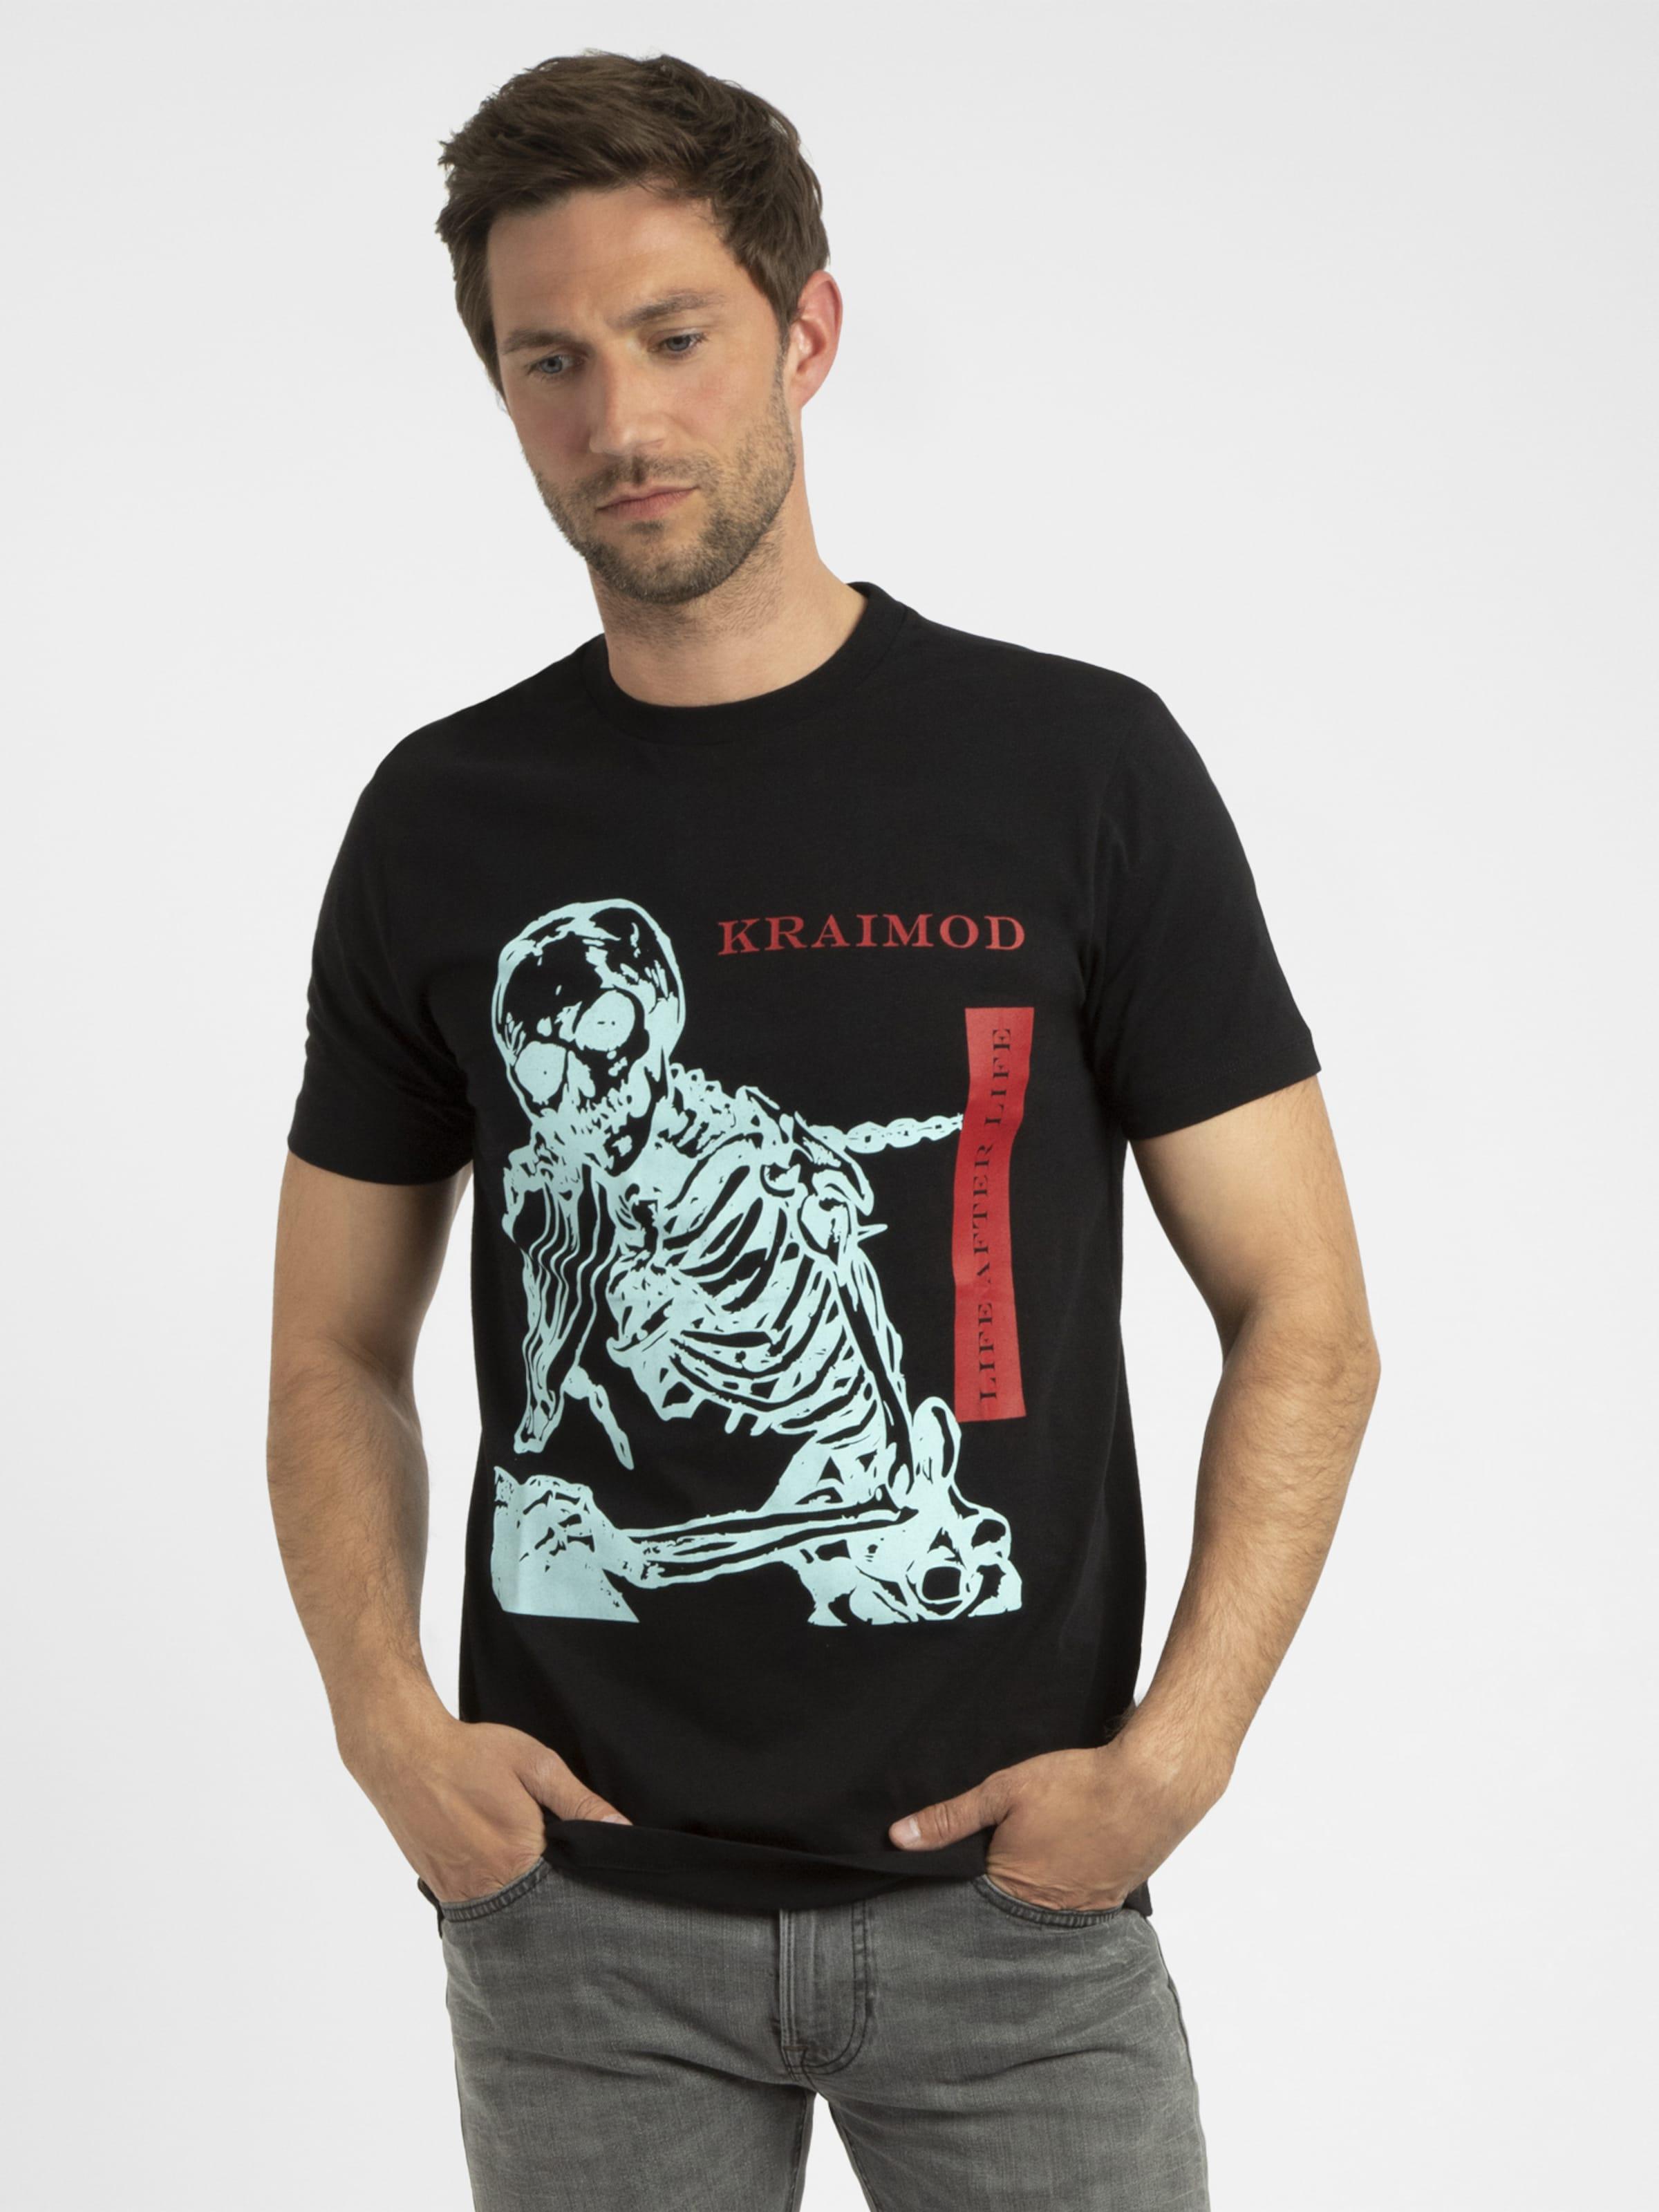 APART T-Shirt in mint / rot / schwarz Baumwolle 4053041340471